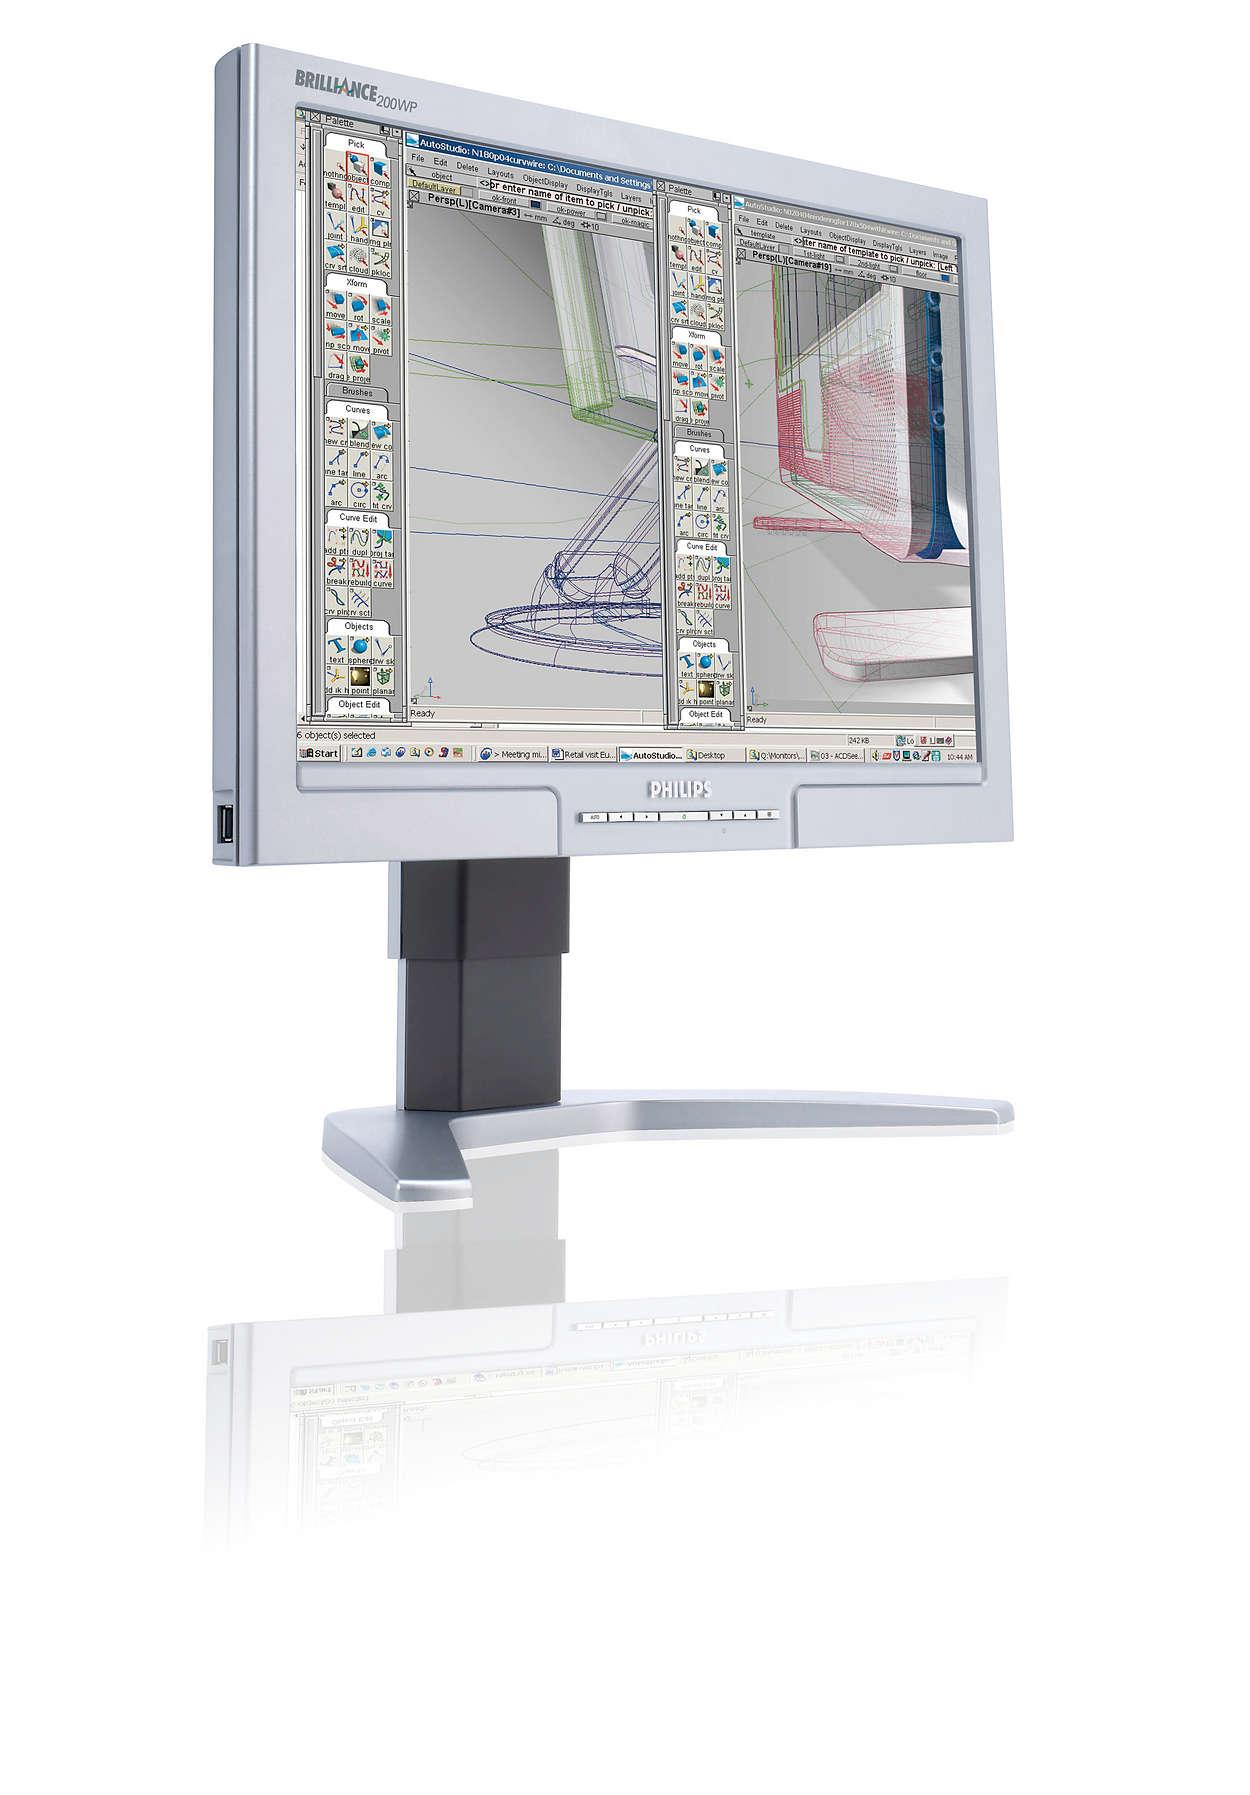 Progettato in modo professionale per utenti esperti